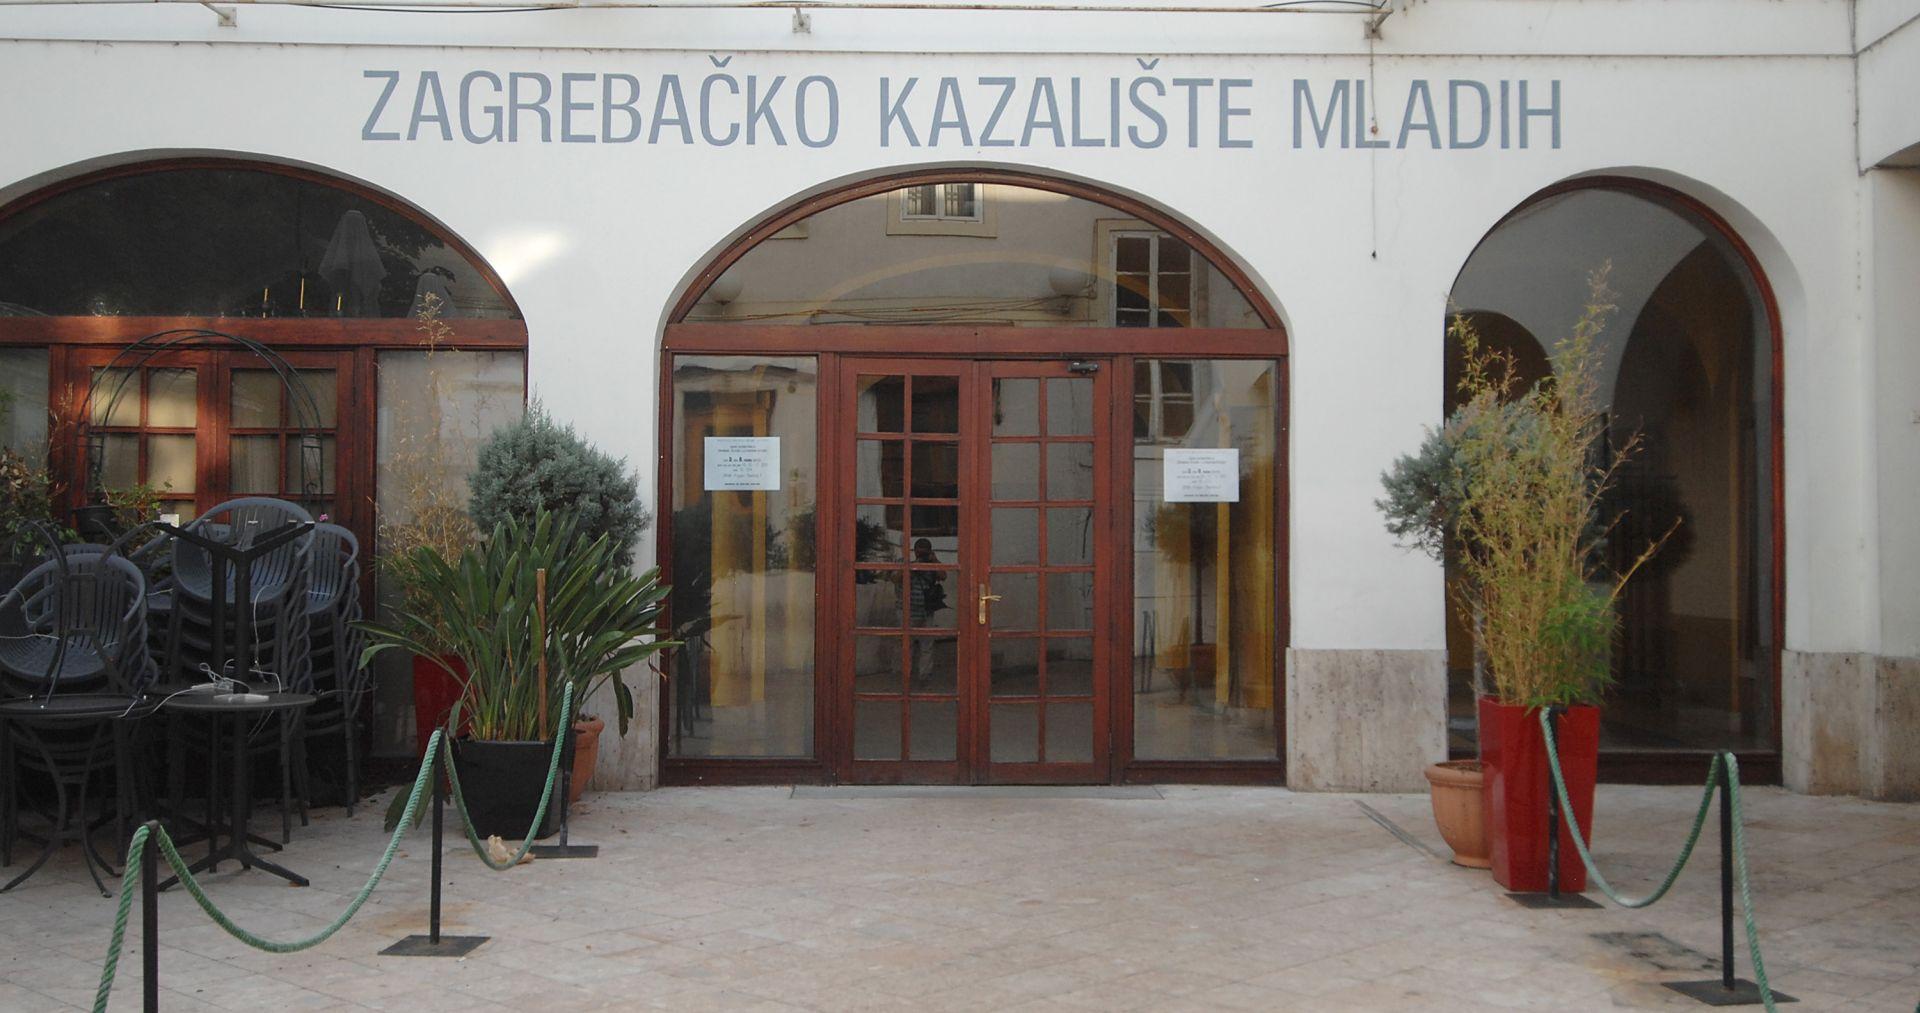 Zagrebački plesni centar pripojit će se ZKM-u